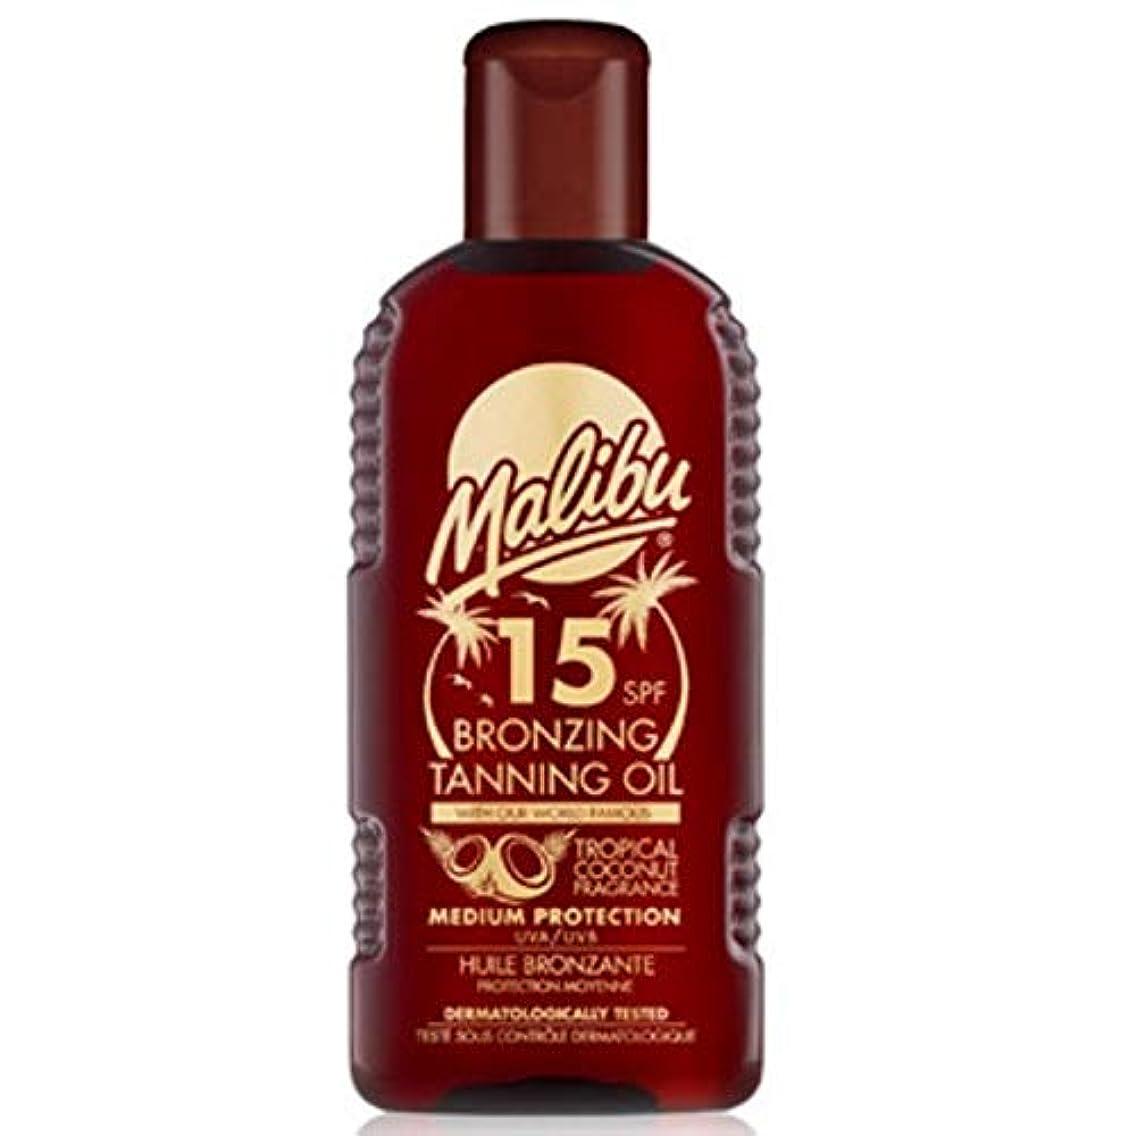 胚パイントエピソード[Malibu ] マリブブロンズ日焼けオイルSpf 15 - Malibu Bronzing Tanning Oil SPF 15 [並行輸入品]